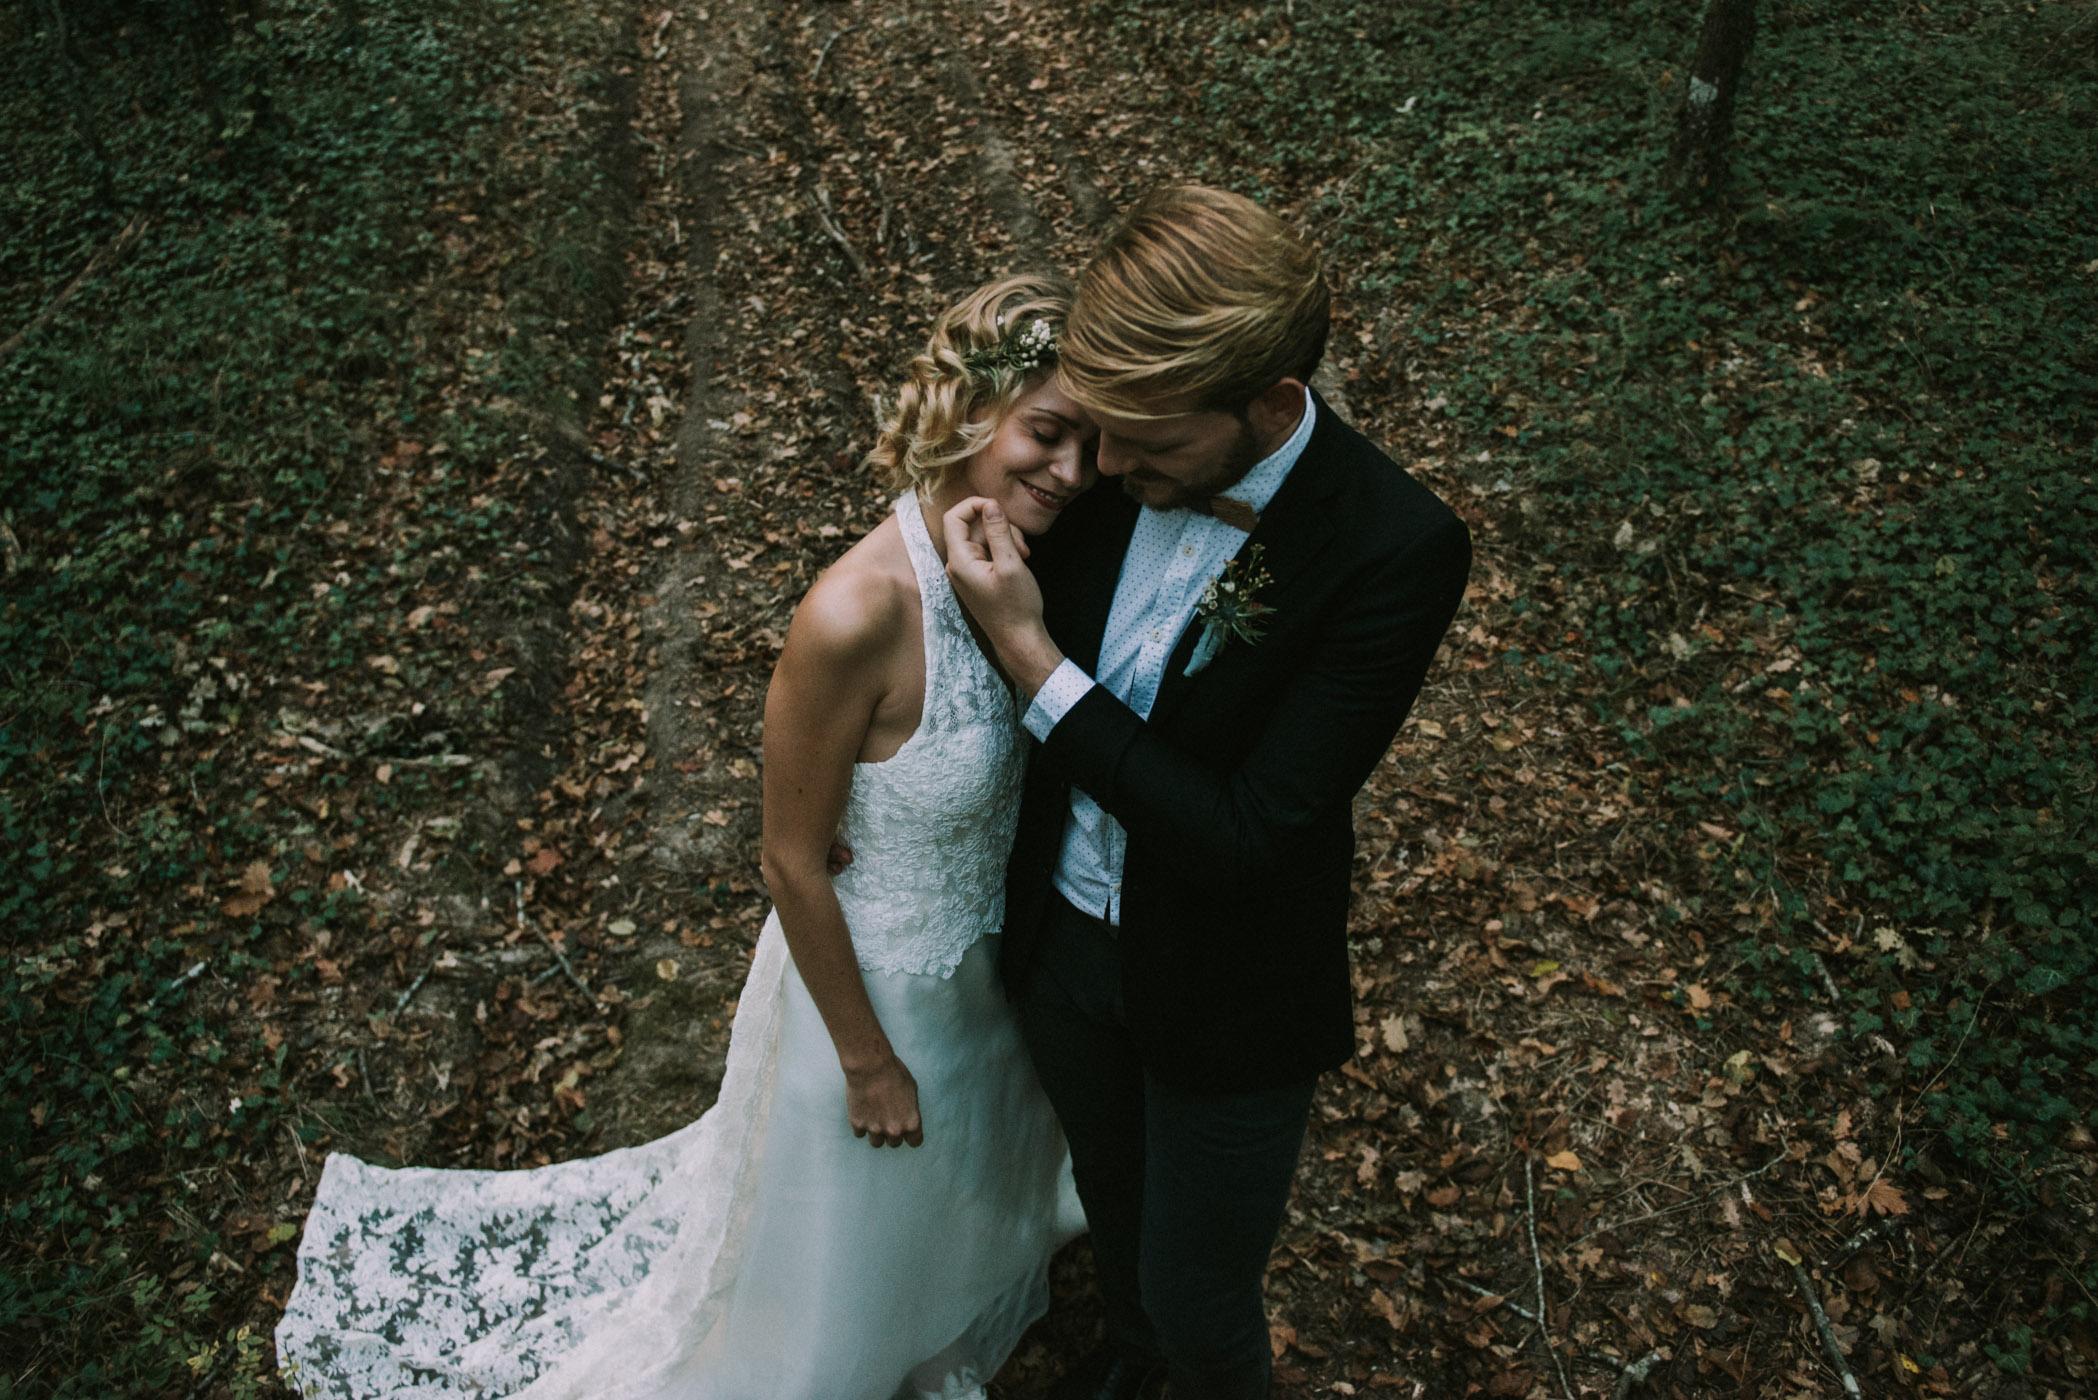 sun-drops-down-shooting-dinspiration-automnal-sous-les-bois-en-dordogne-blog-mariage-la-mariee-sous-les-etoiles-photo-mira-al-pajarito-23